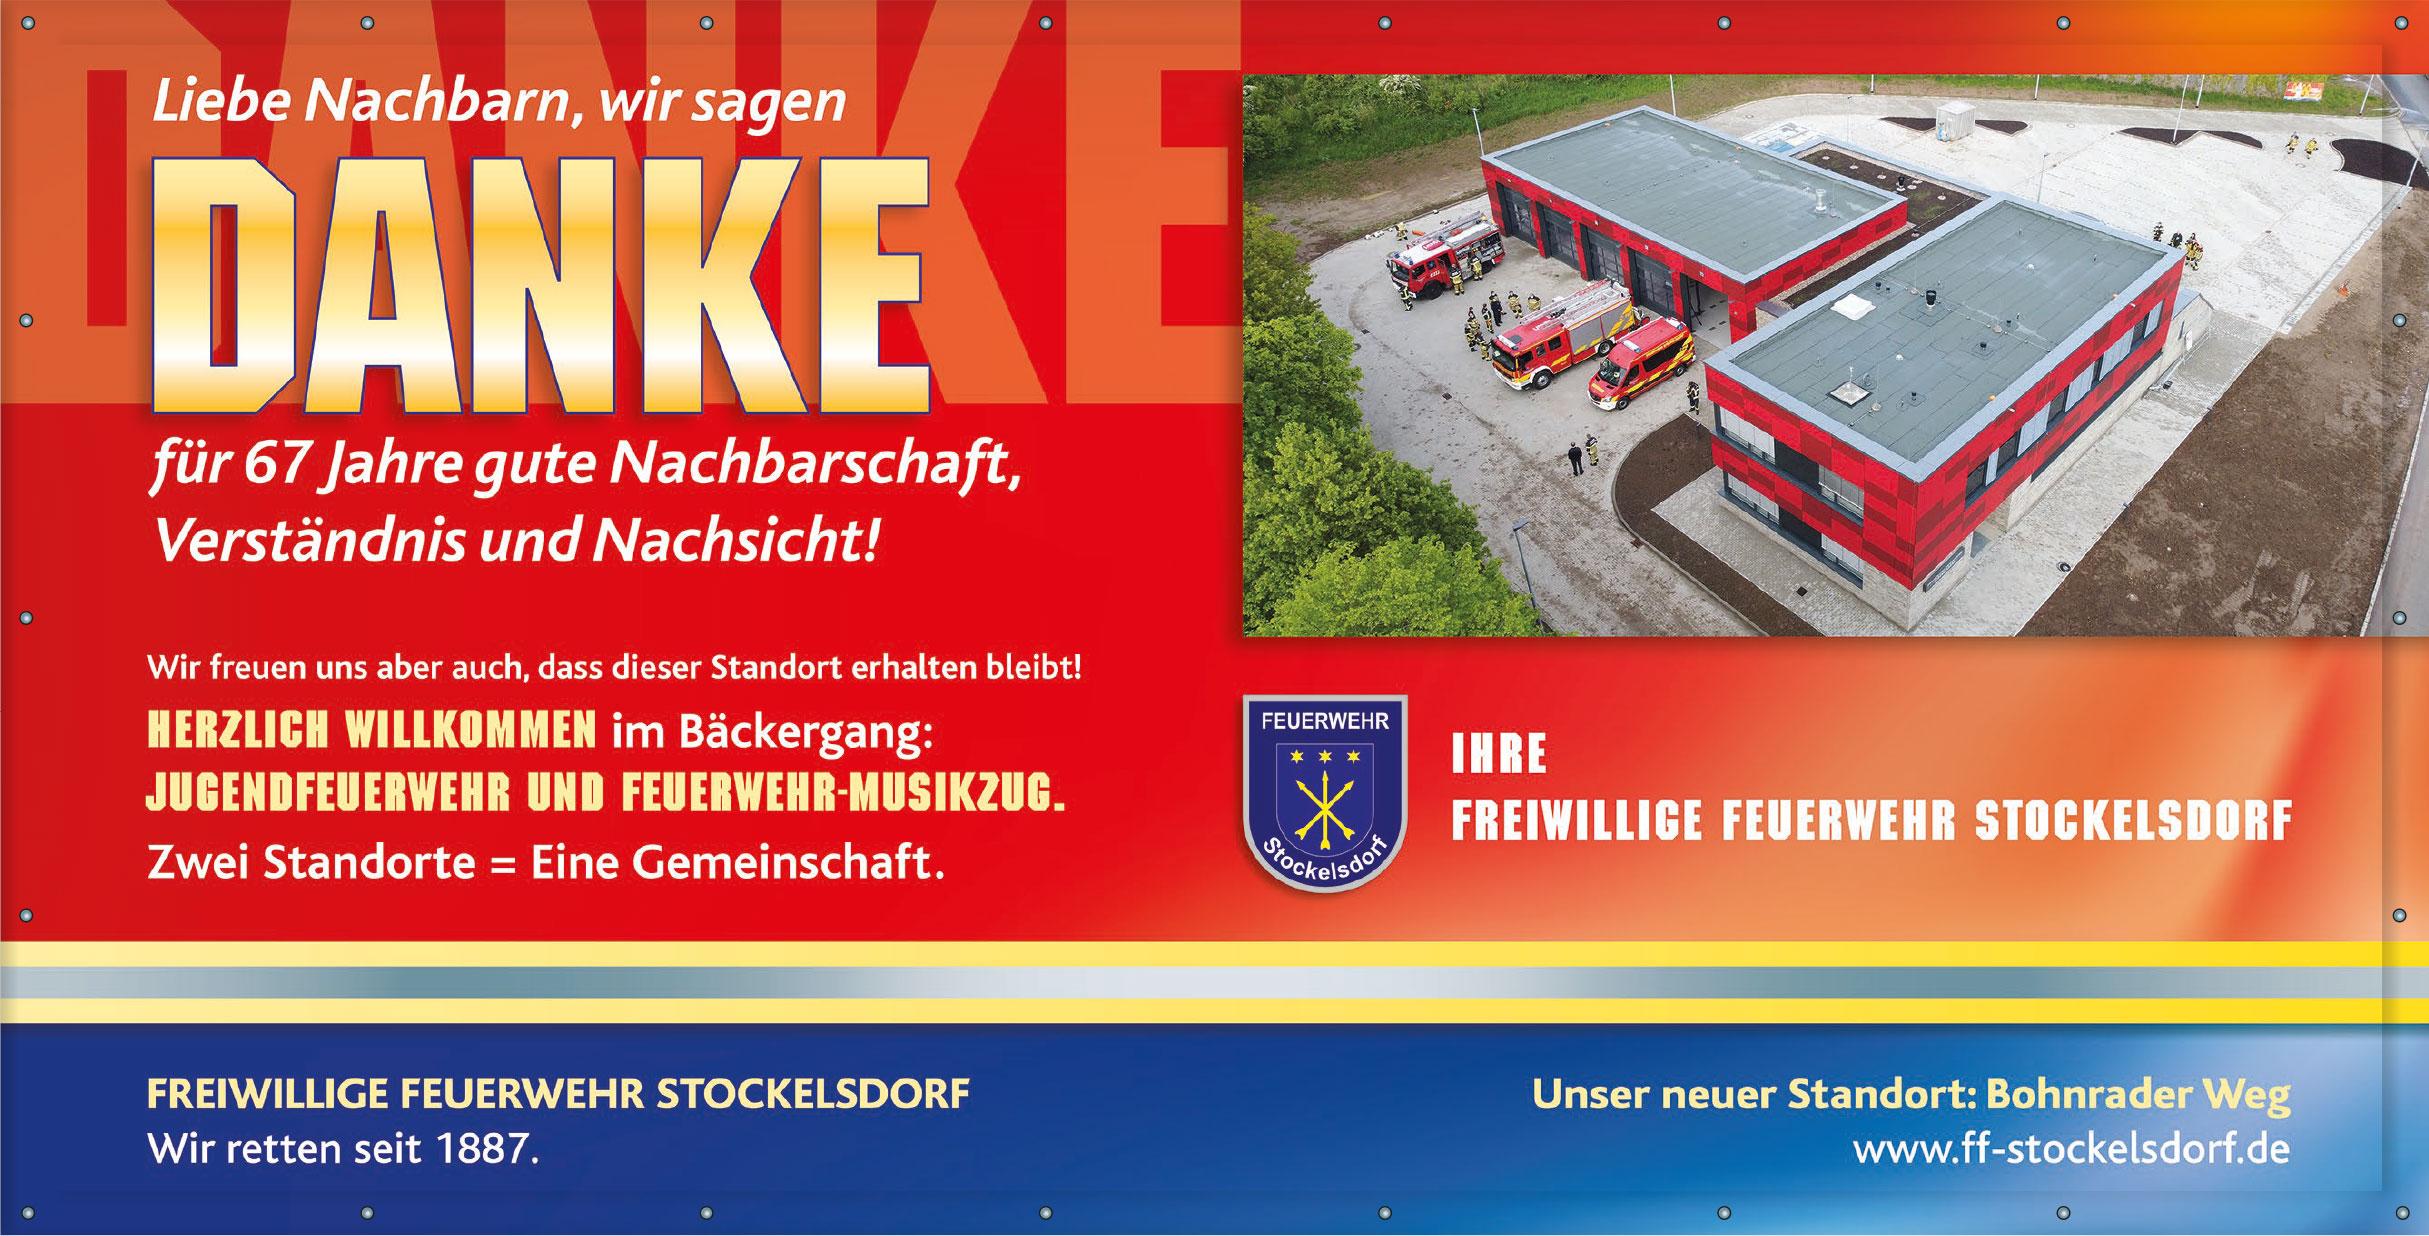 FF Stockelsdorf sagt Danke